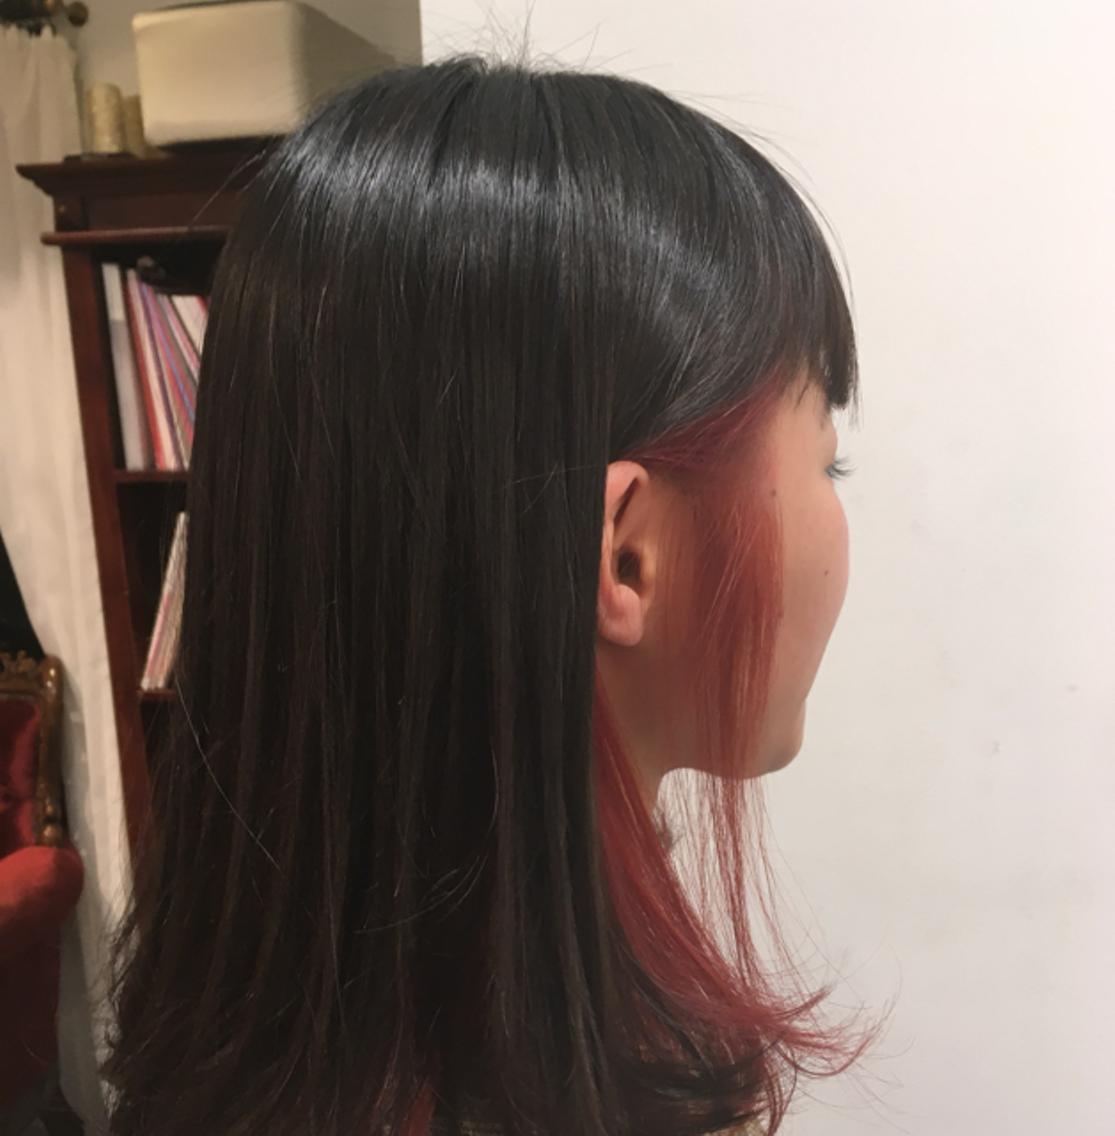 【埼玉 東松山】カラー・パーマ・ストレート・矯正モデル募集!